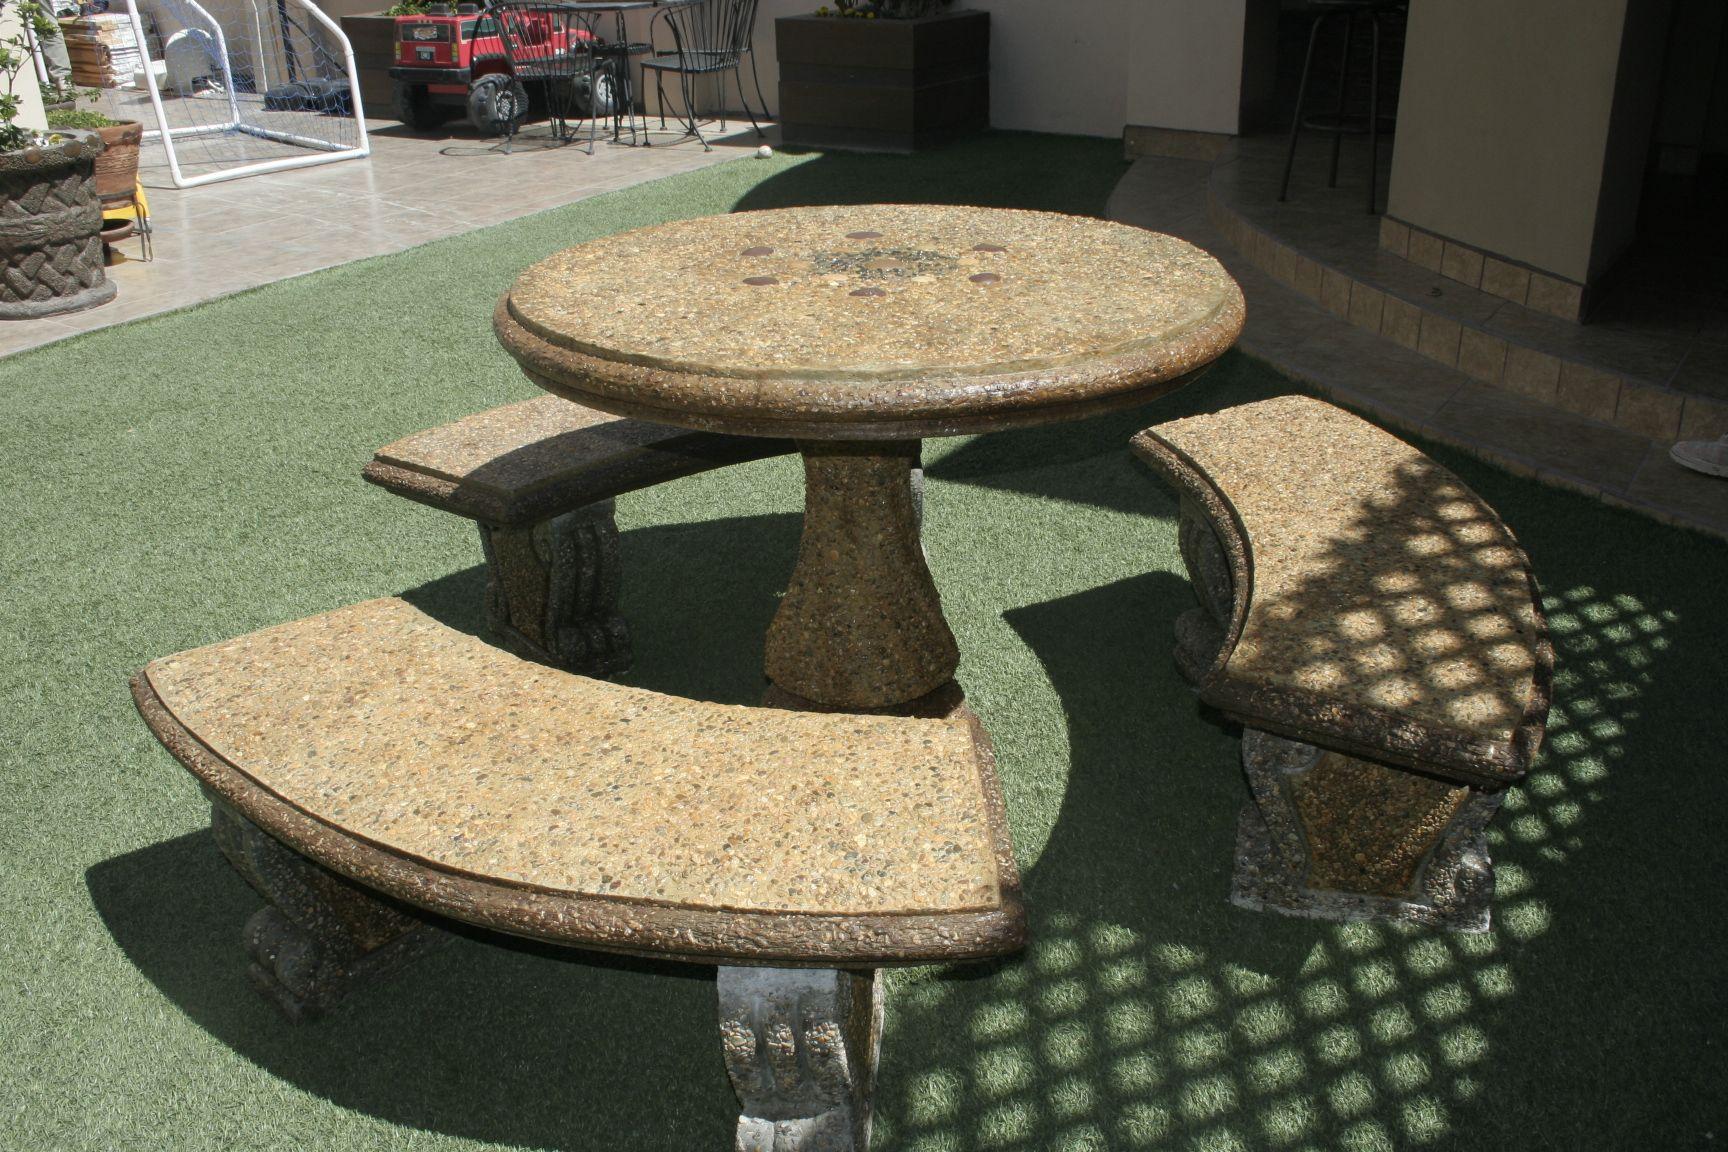 Mesa de cemento con piedra incrustada decorativa color ambar y chocolate jardines pinterest - Mesas de piedra para jardin ...